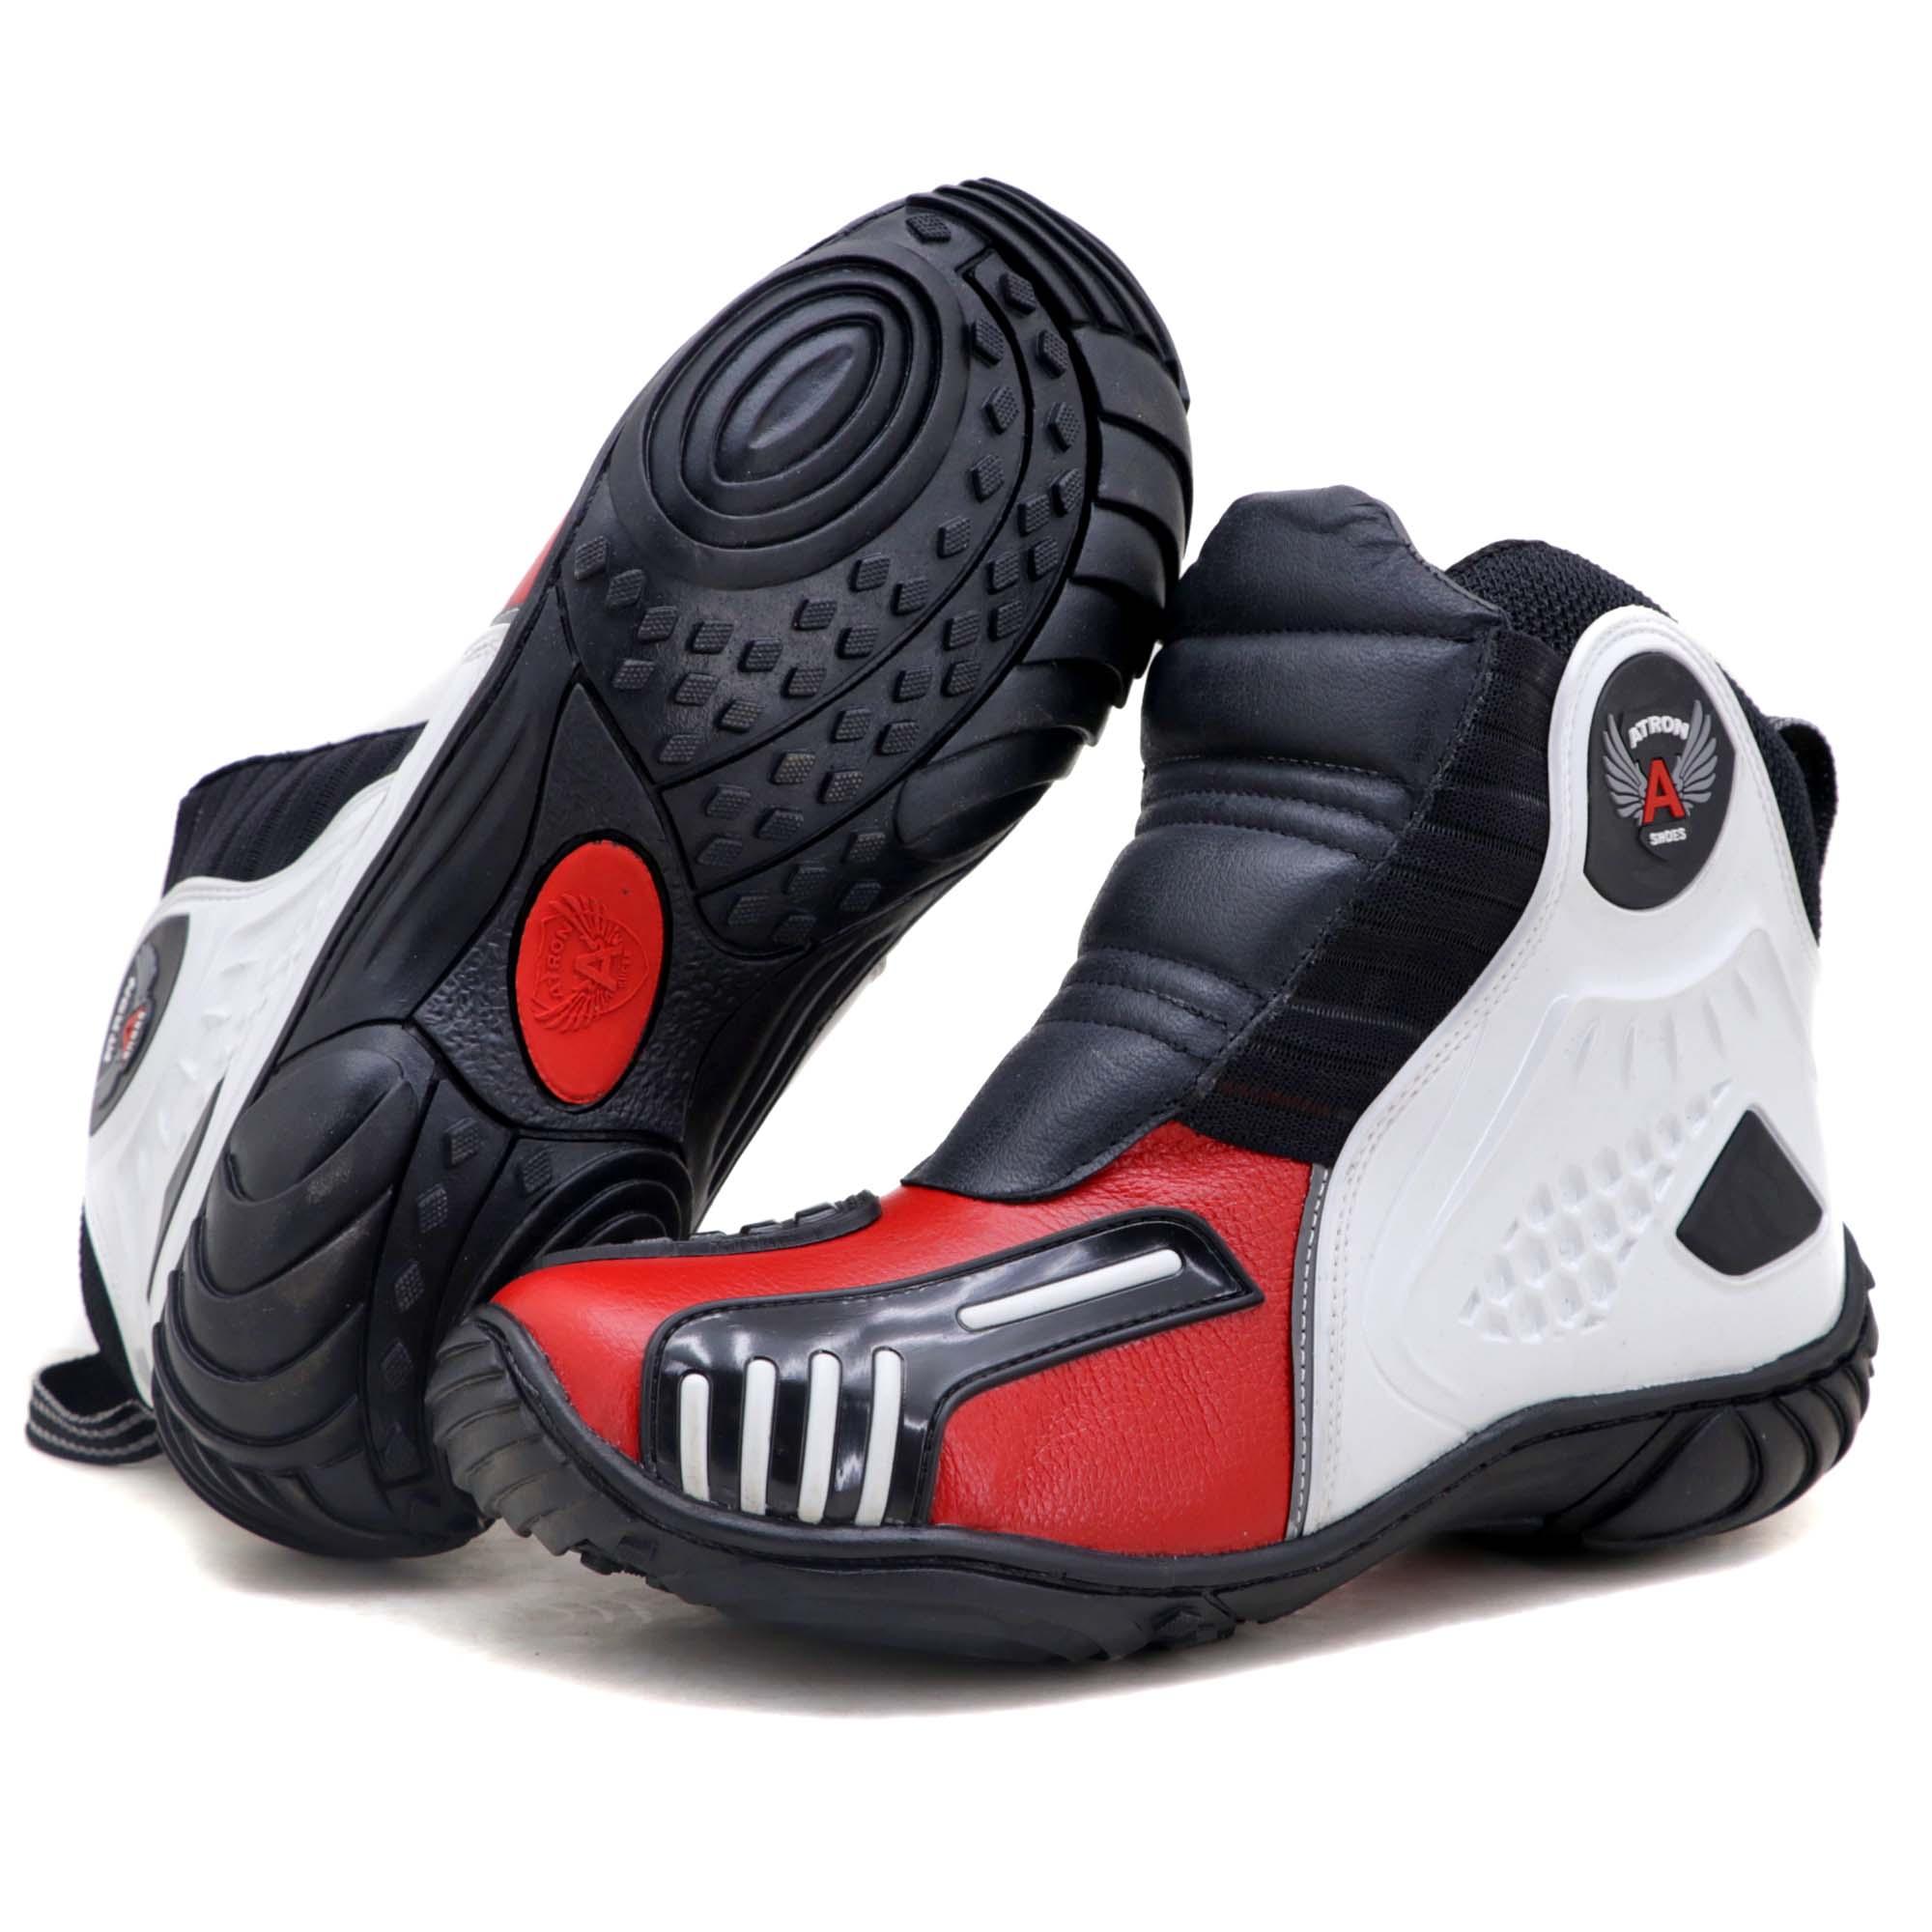 Bota motociclista Atron Shoes AS-HIGHWAY em couro legítimo semi-impermeável emborrachada Com elástico na cor Vermelho 408